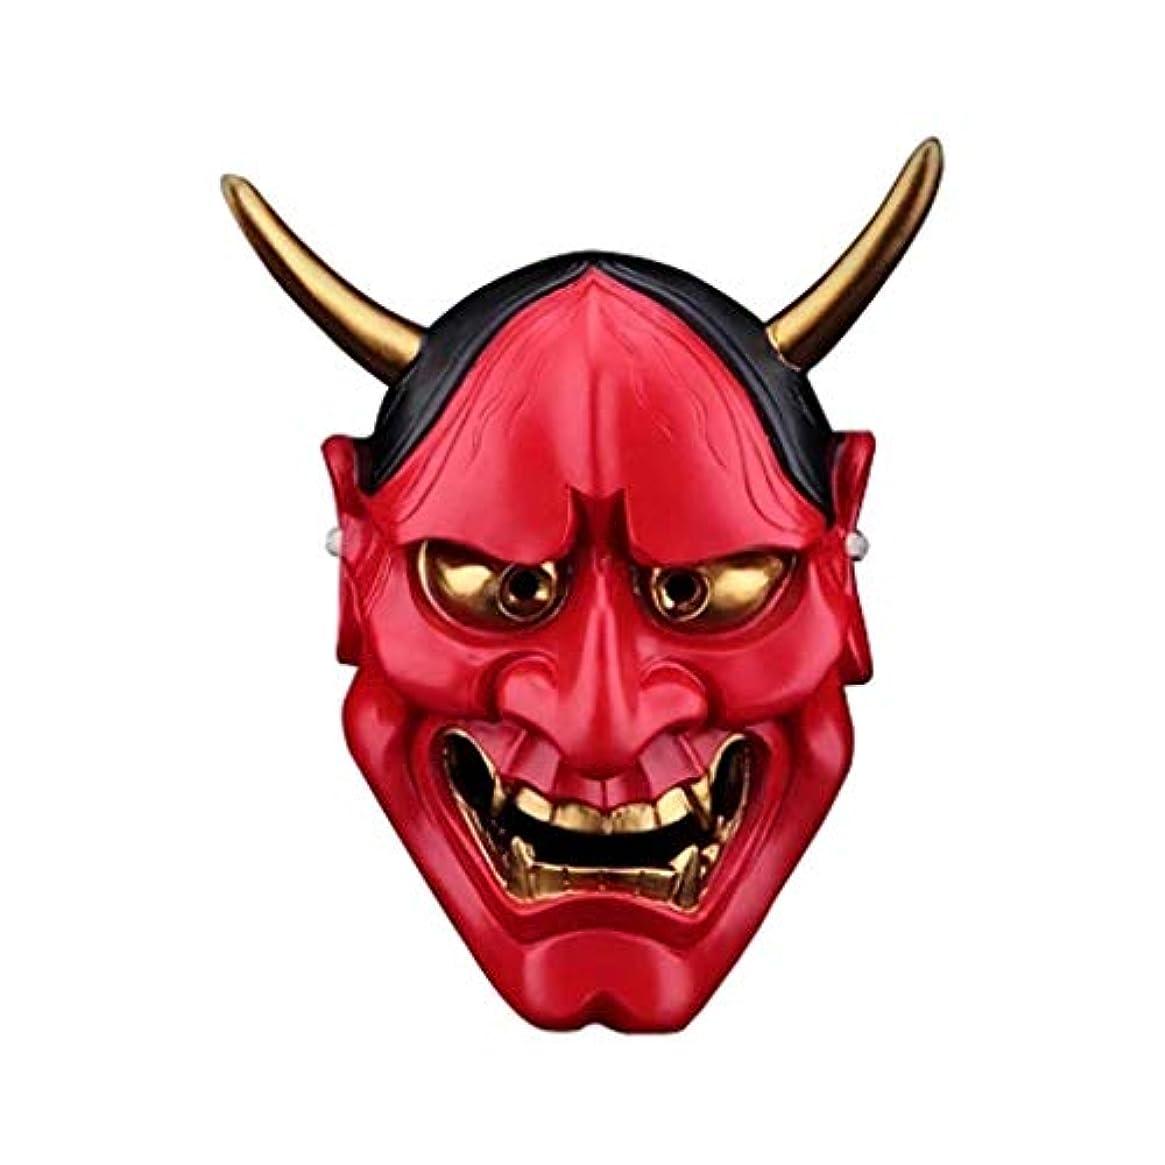 先生控える富ハロウィンホラーマスク、成人用樹脂マスクデコレーション (Color : BRONZE)